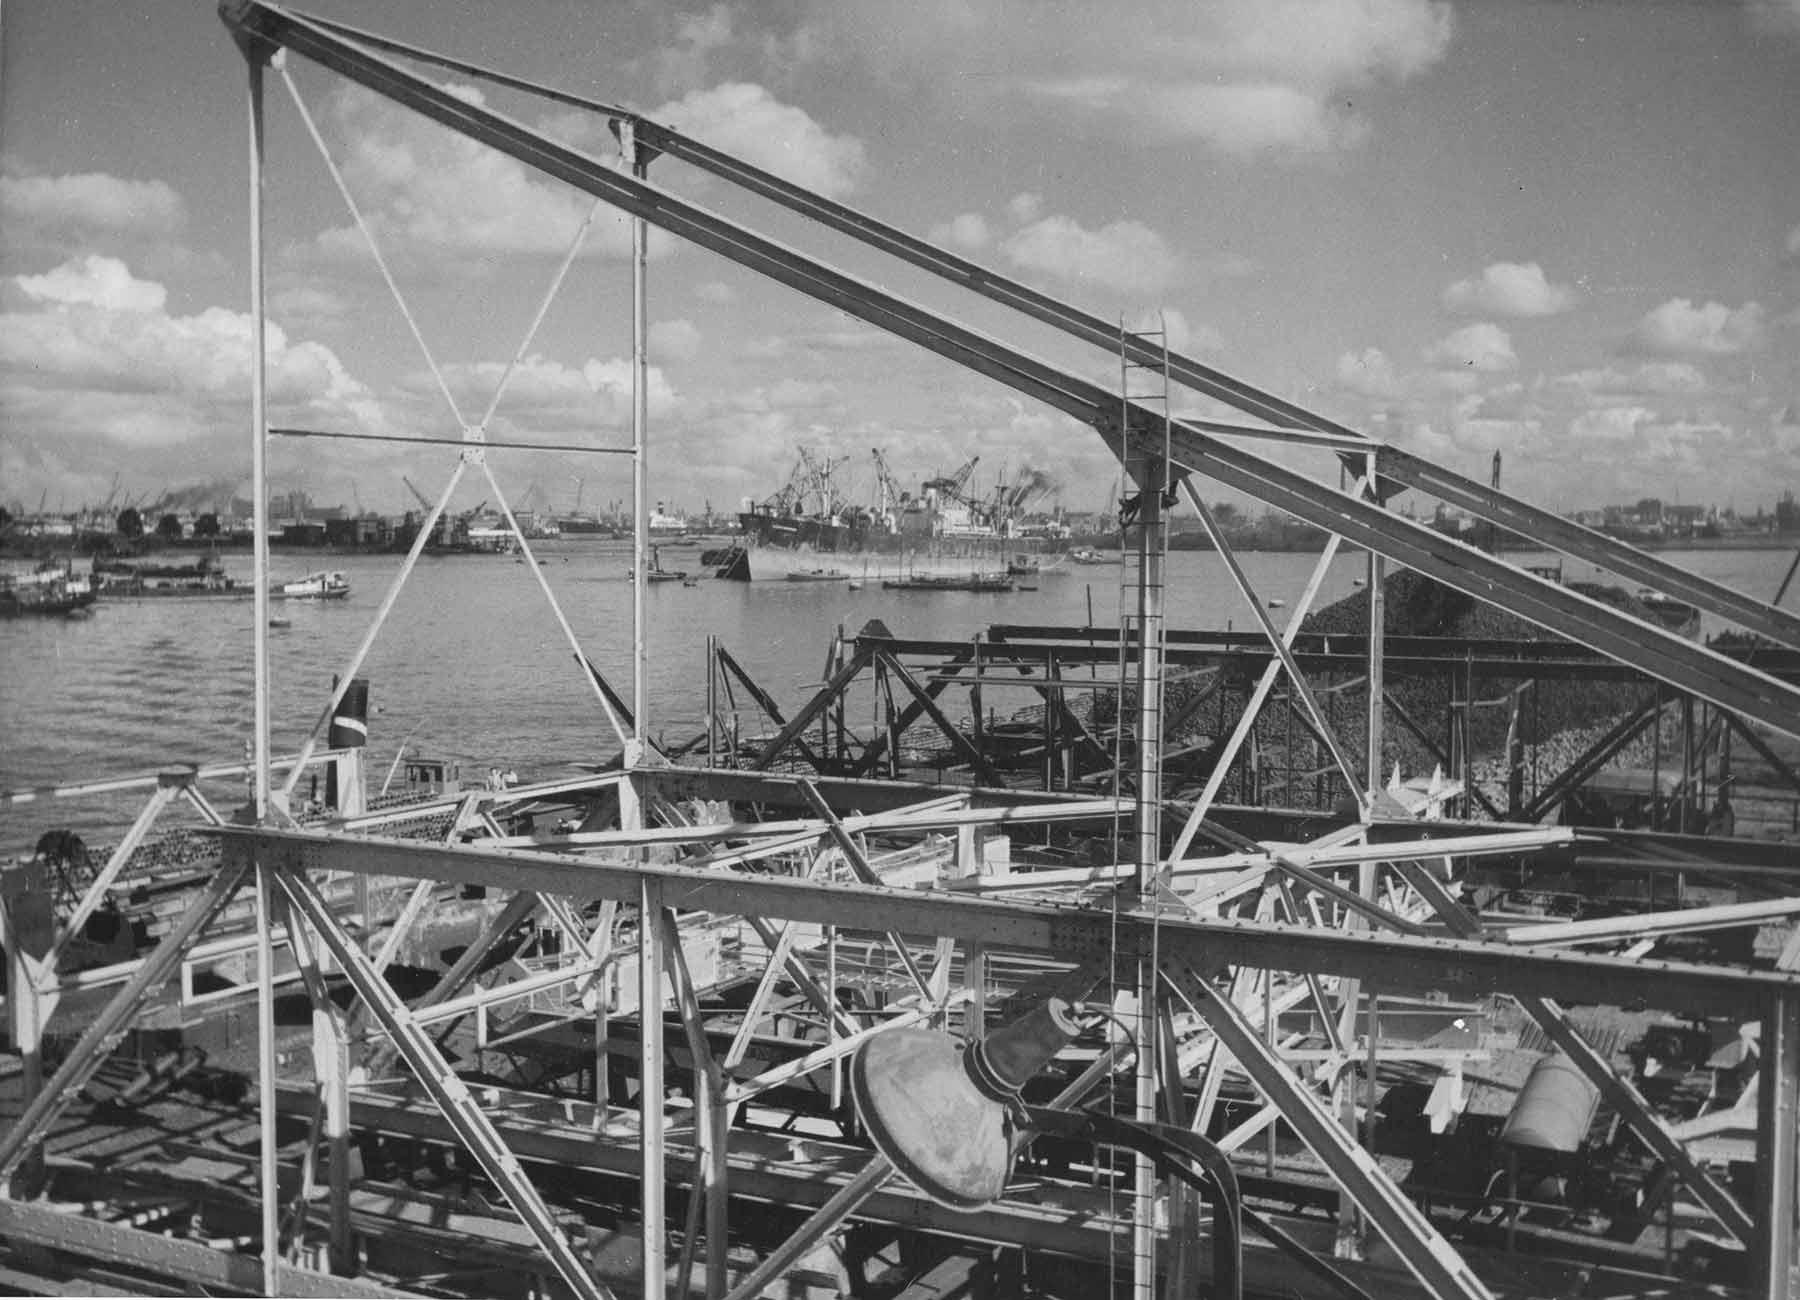 bnr-907-4-brugkranen-1949